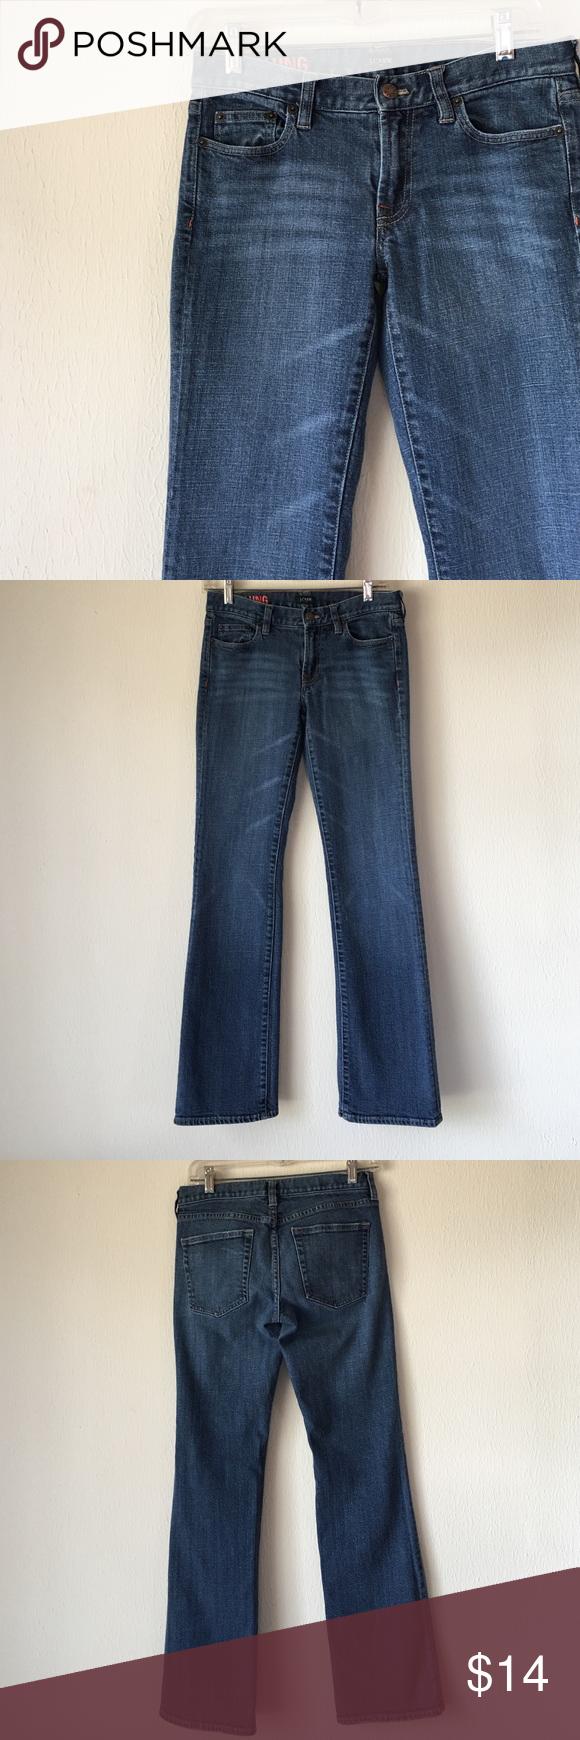 J. Crew hipslung dark wash jeans Excellent condition! 98% cotton, 2% spandex J. Crew Jeans Boot Cut